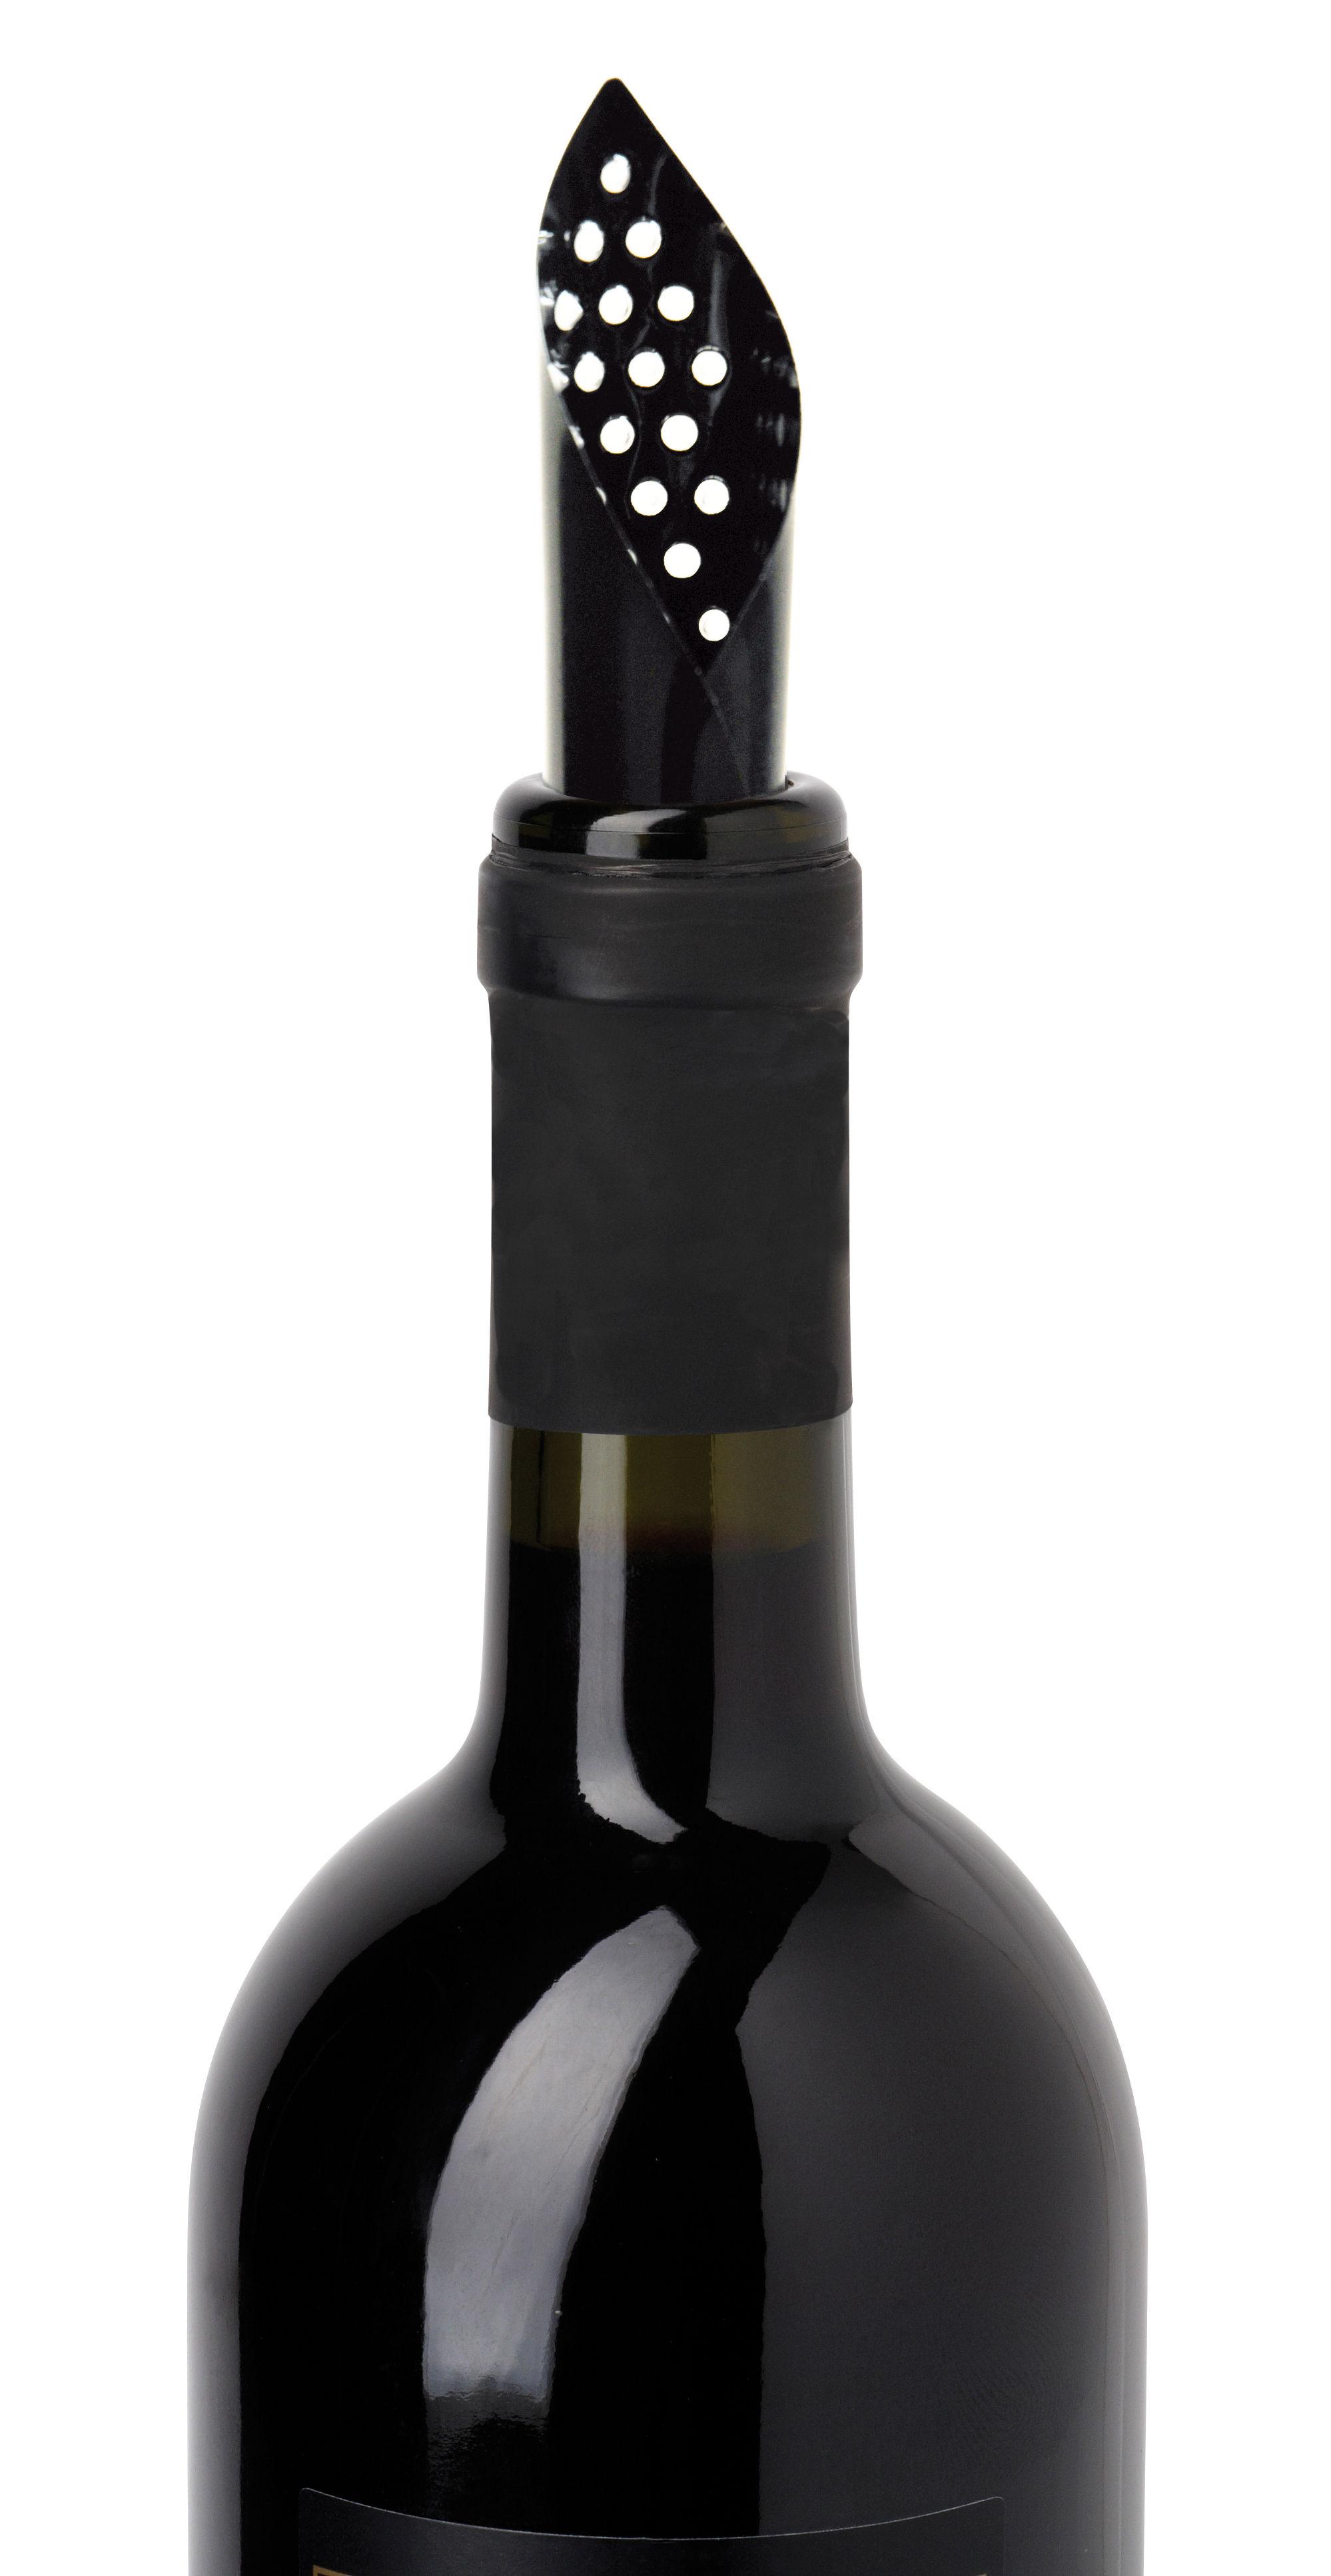 Tavola - Bar, Vino, Aperitivo - Beccuccio per versare - / Set da 5 aeratori morbidi di L'Atelier du Vin - Nero - Plastica